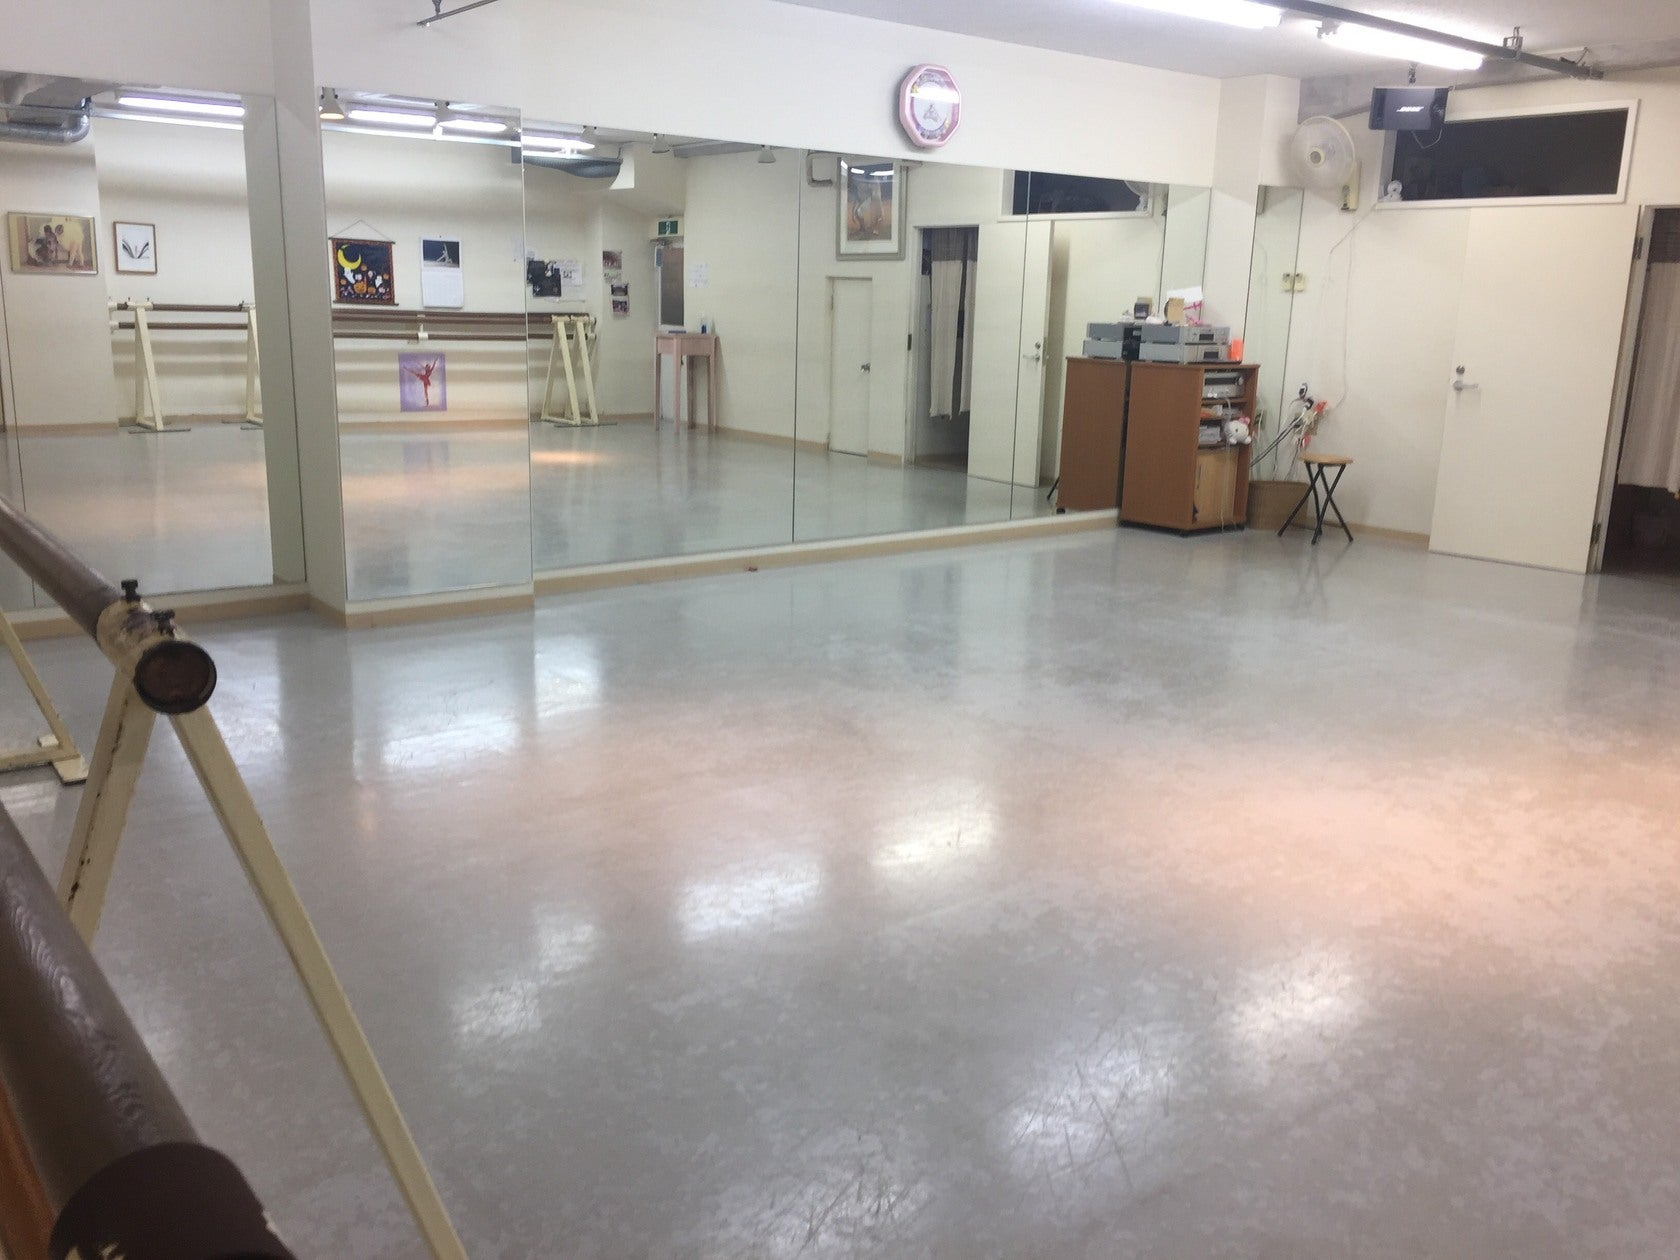 鏡付きリノリウム 西荻窪駅前(広々としたスペース!ダンスの練習や教室の開催、ネイル、ボディケア、催事場などに!) の写真0